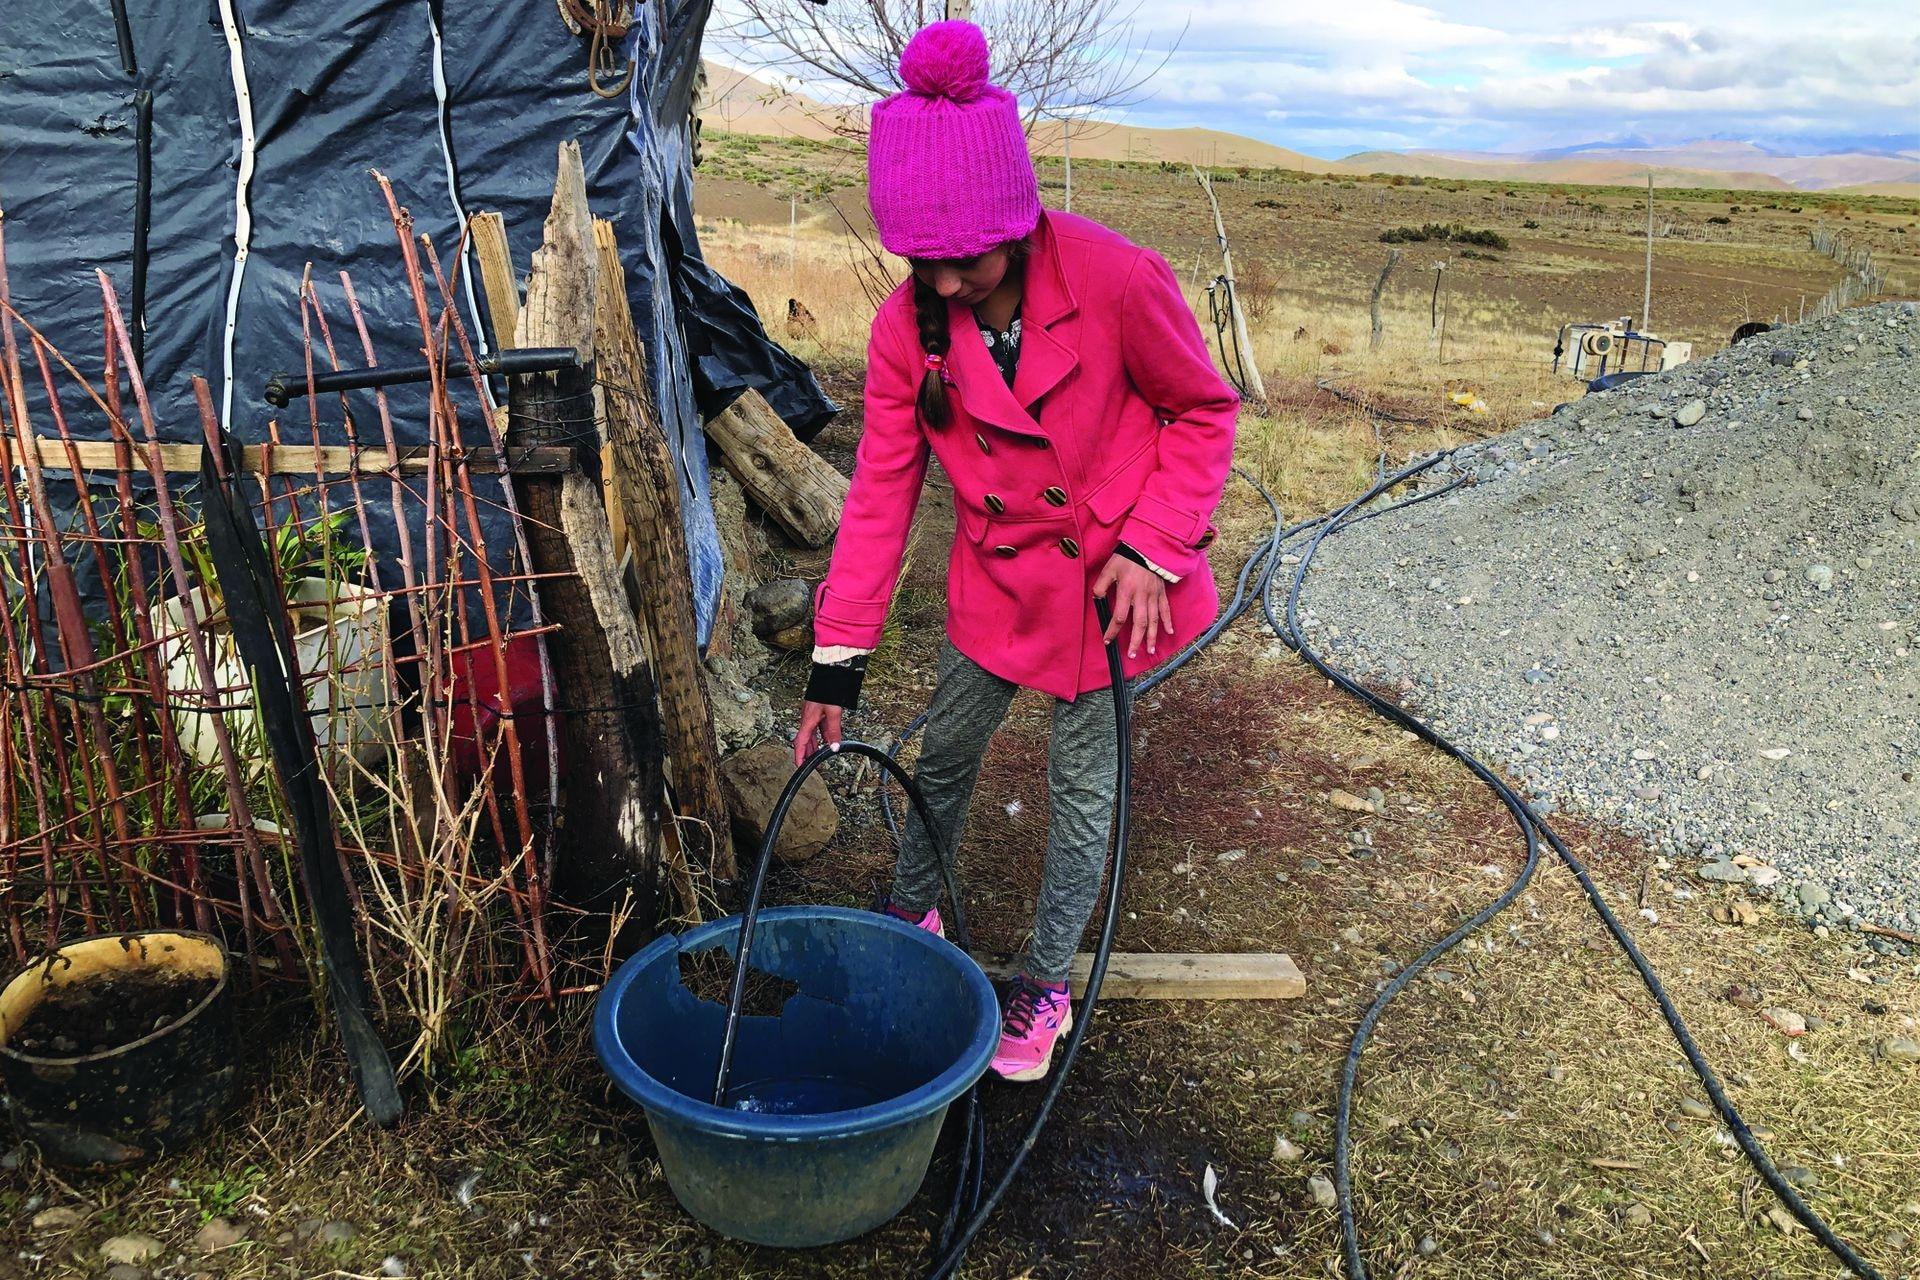 Maciela llena el balde de agua para darle de tomar a las chivas guachas; la familia necesita un tanque australiano para almacenar la poca agua que les llega de una vertiente